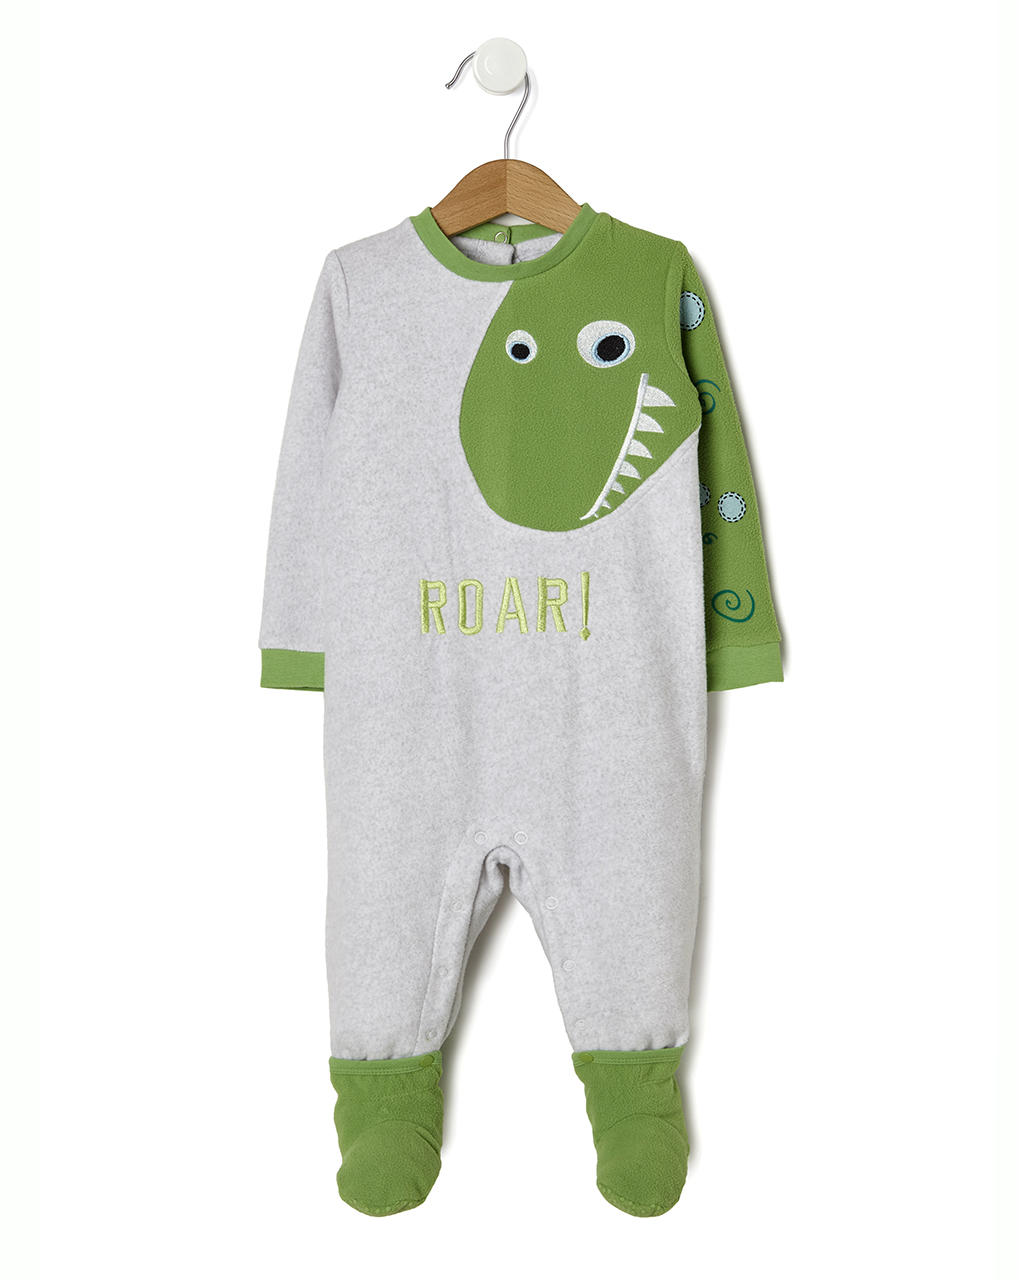 Πιτζαμάκι Fleece για Αγόρι με Πράσινο Δεινόσαυρο